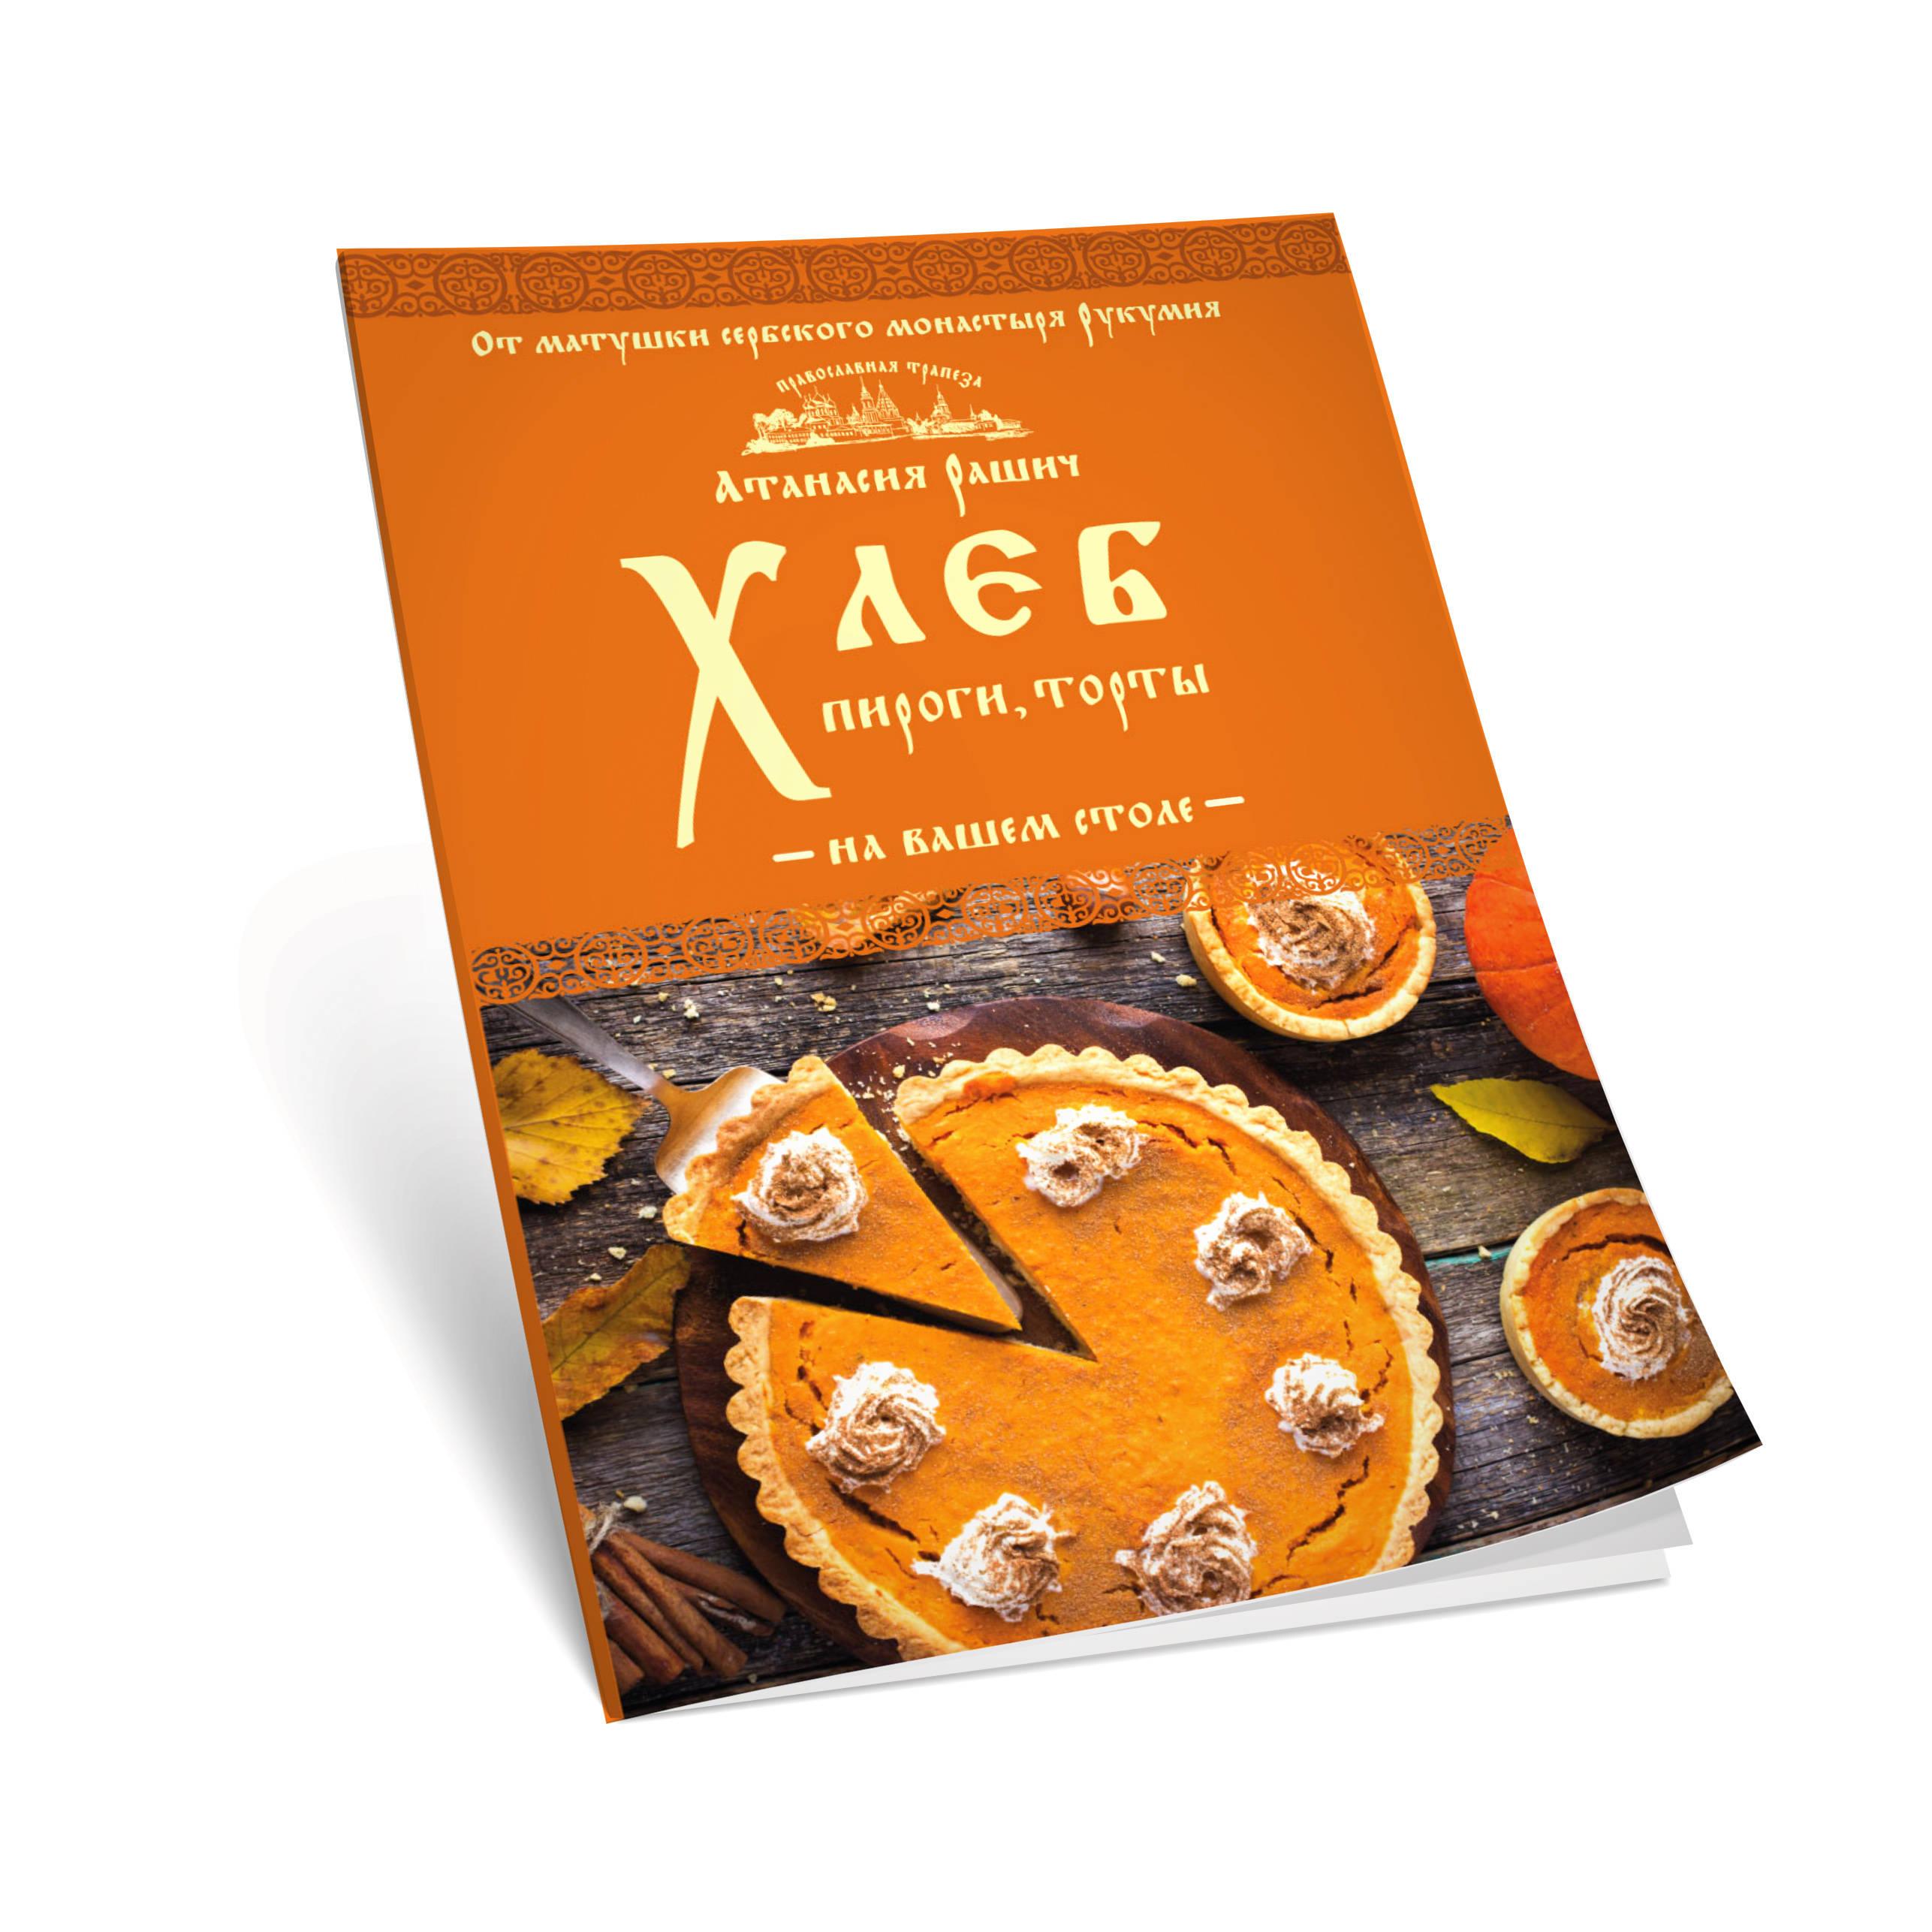 Атанасия Рашич Хлеб, пироги, торты на вашем столе